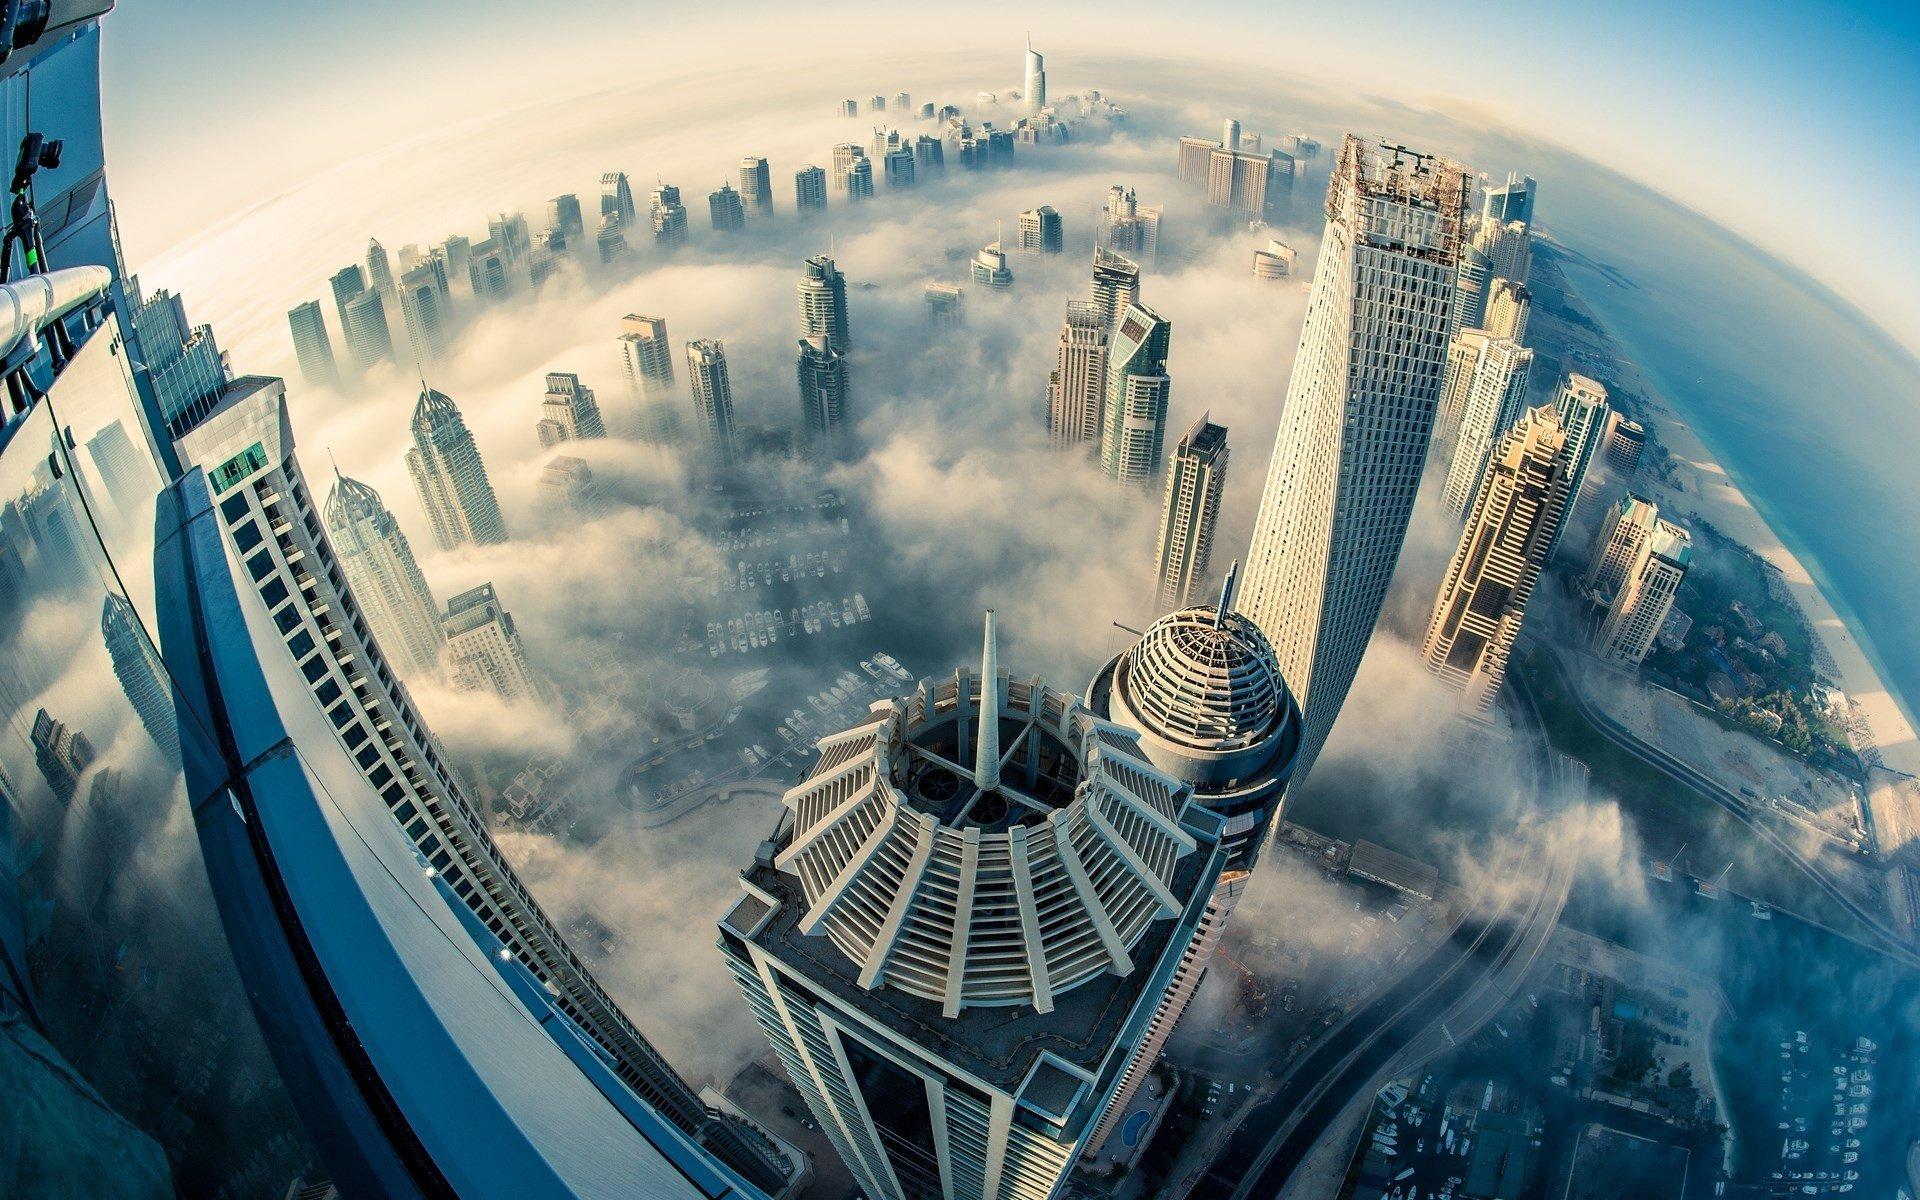 47 Dubai 4k Wallpaper On Wallpapersafari